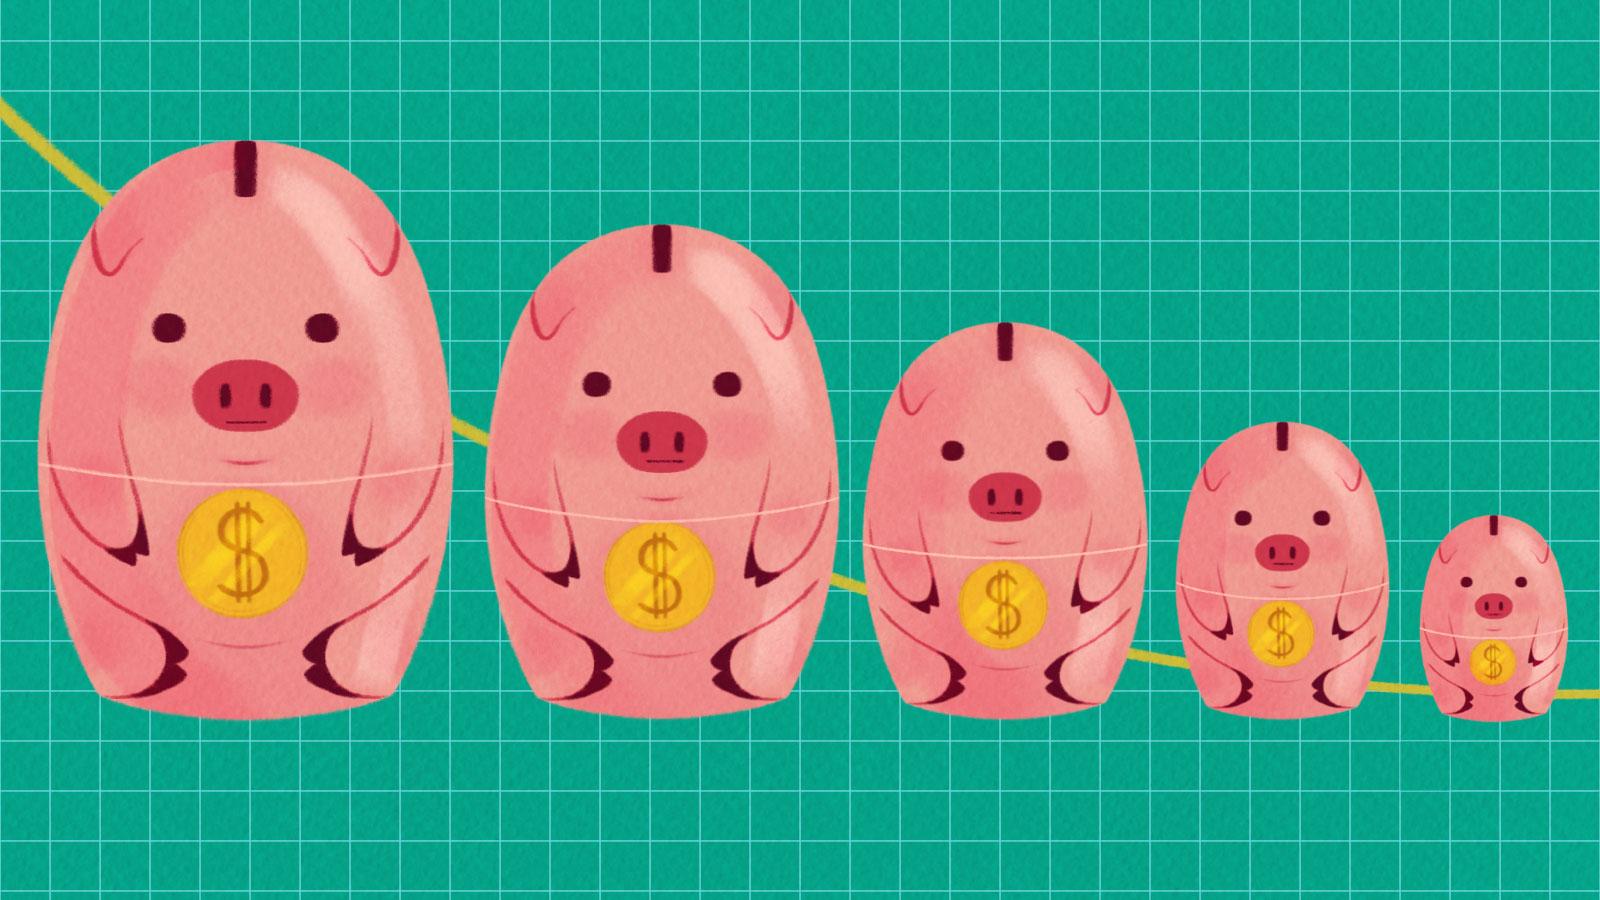 Pós-COVID, os países deveriam repensar sua obsessão com o crescimento econômico?